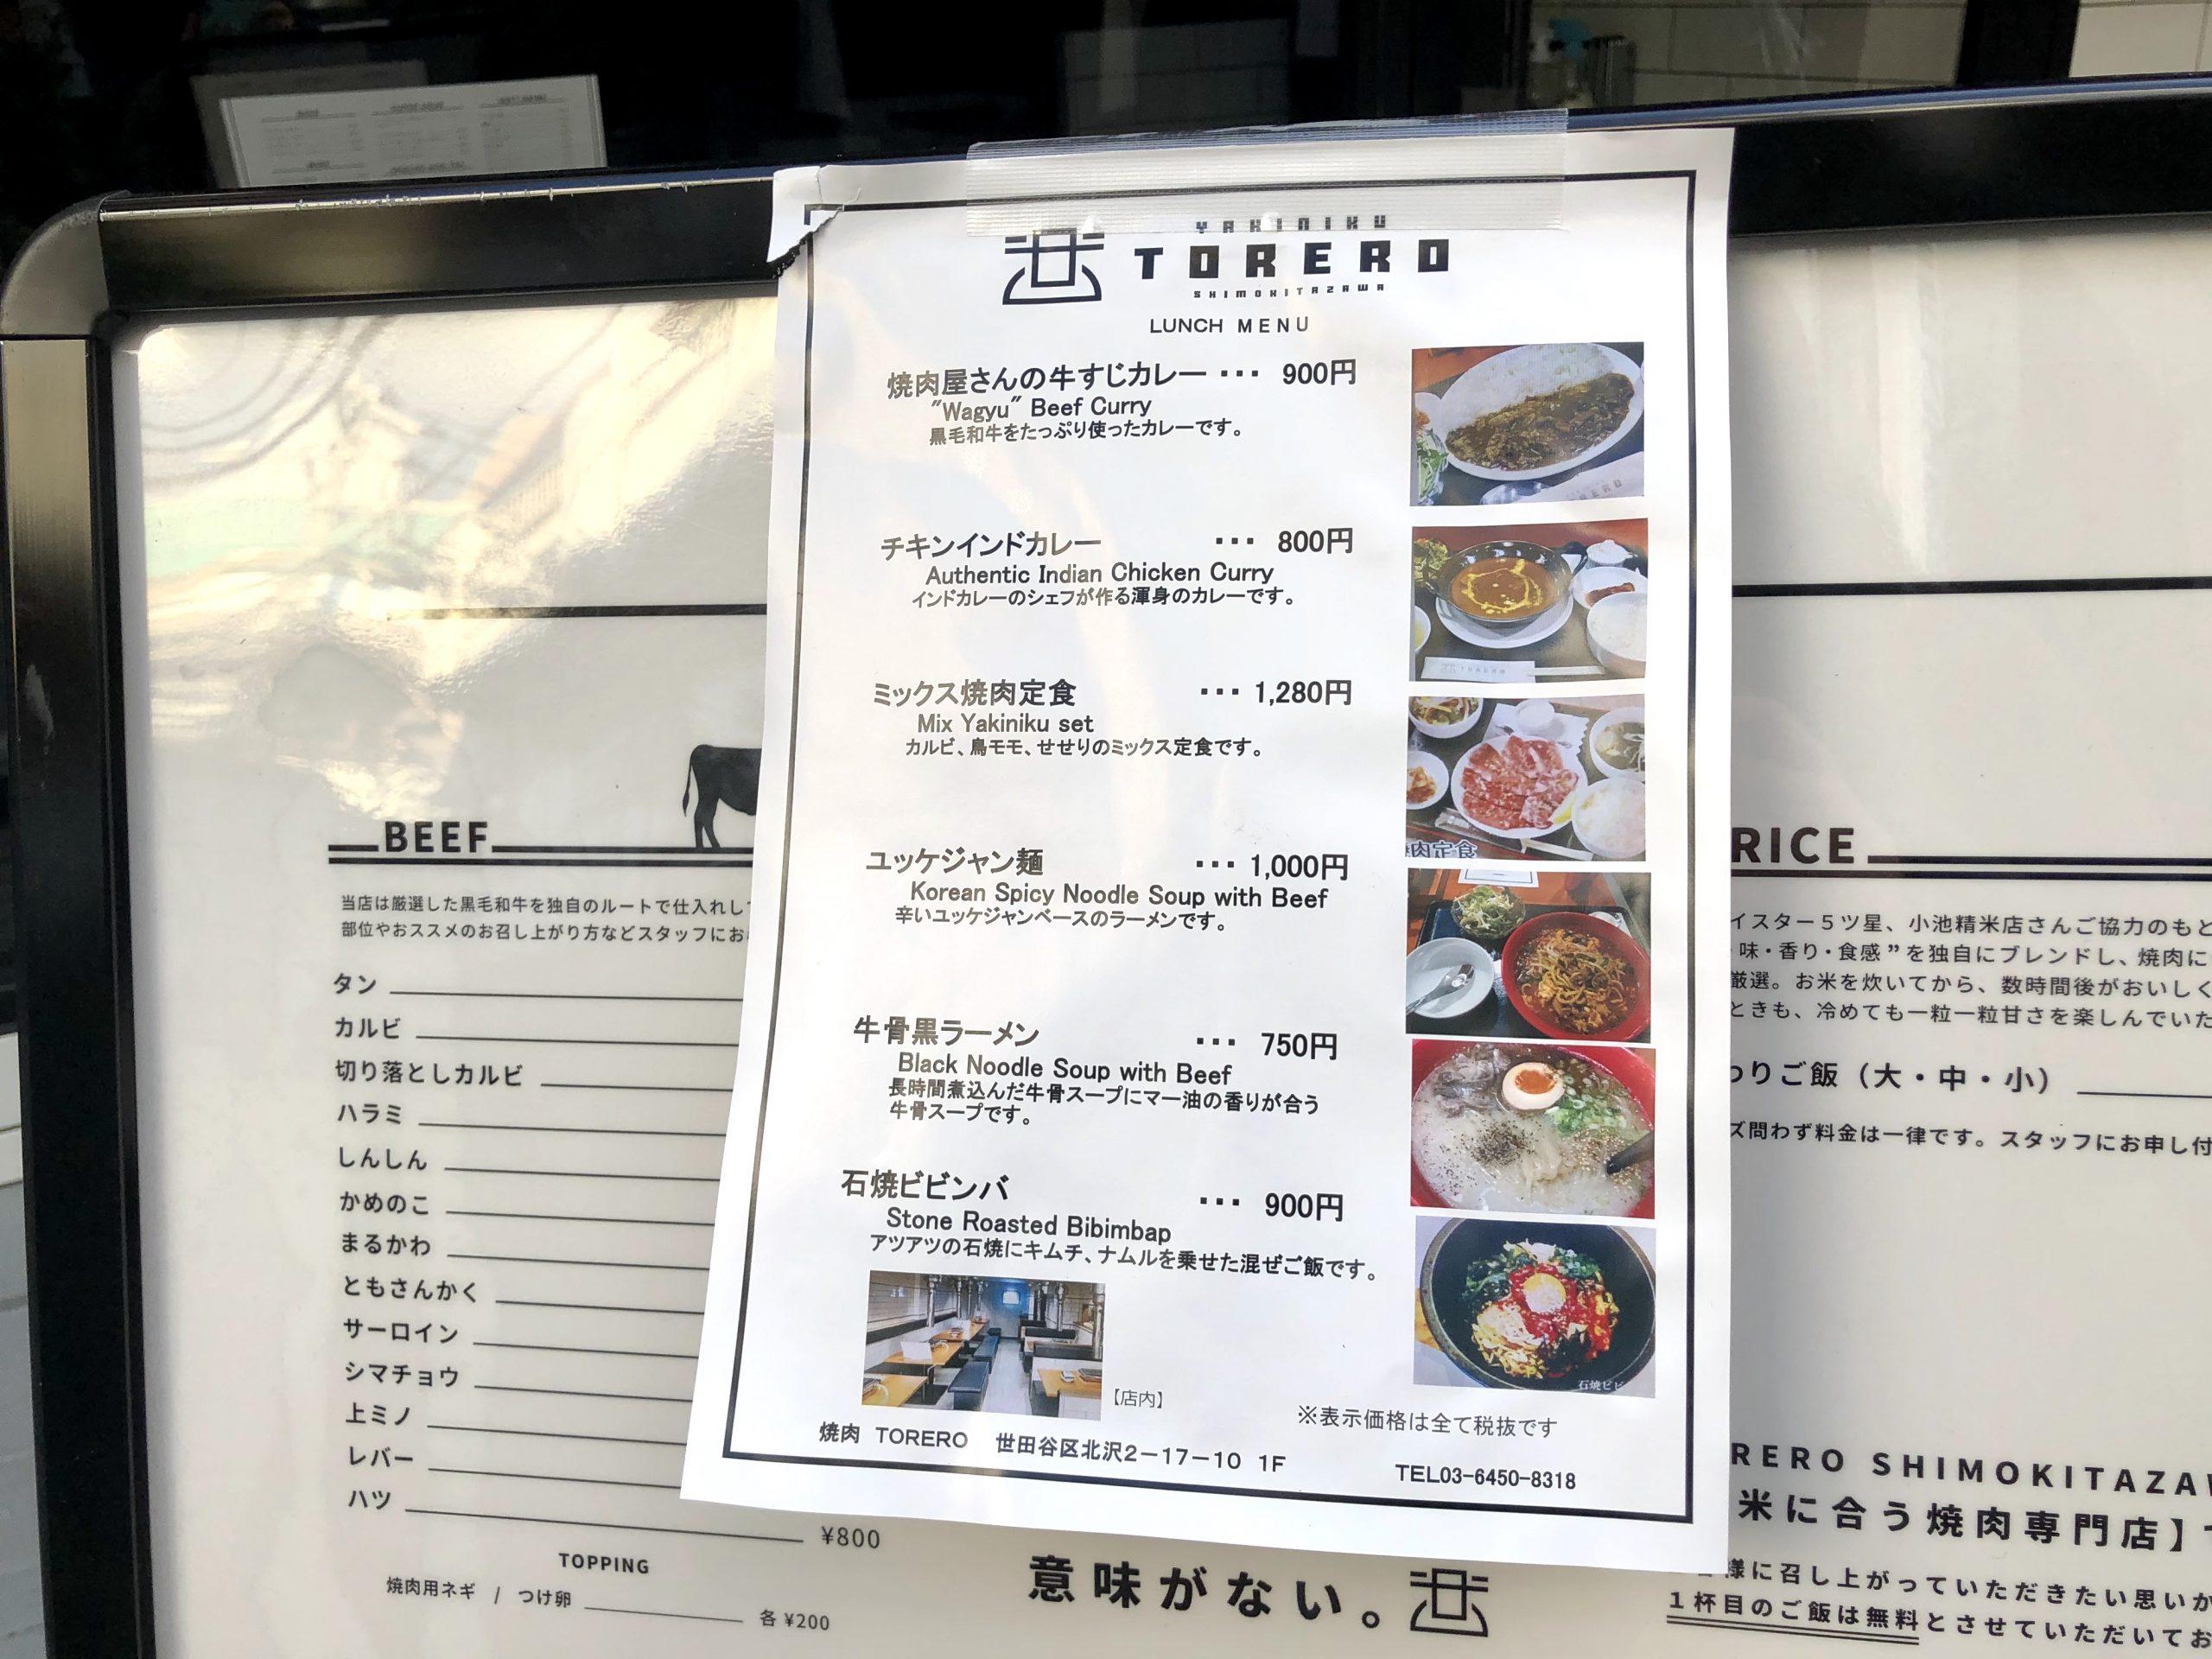 TORERO SHIMOKITAZAWAの焼肉店ならではのランチが気になる!